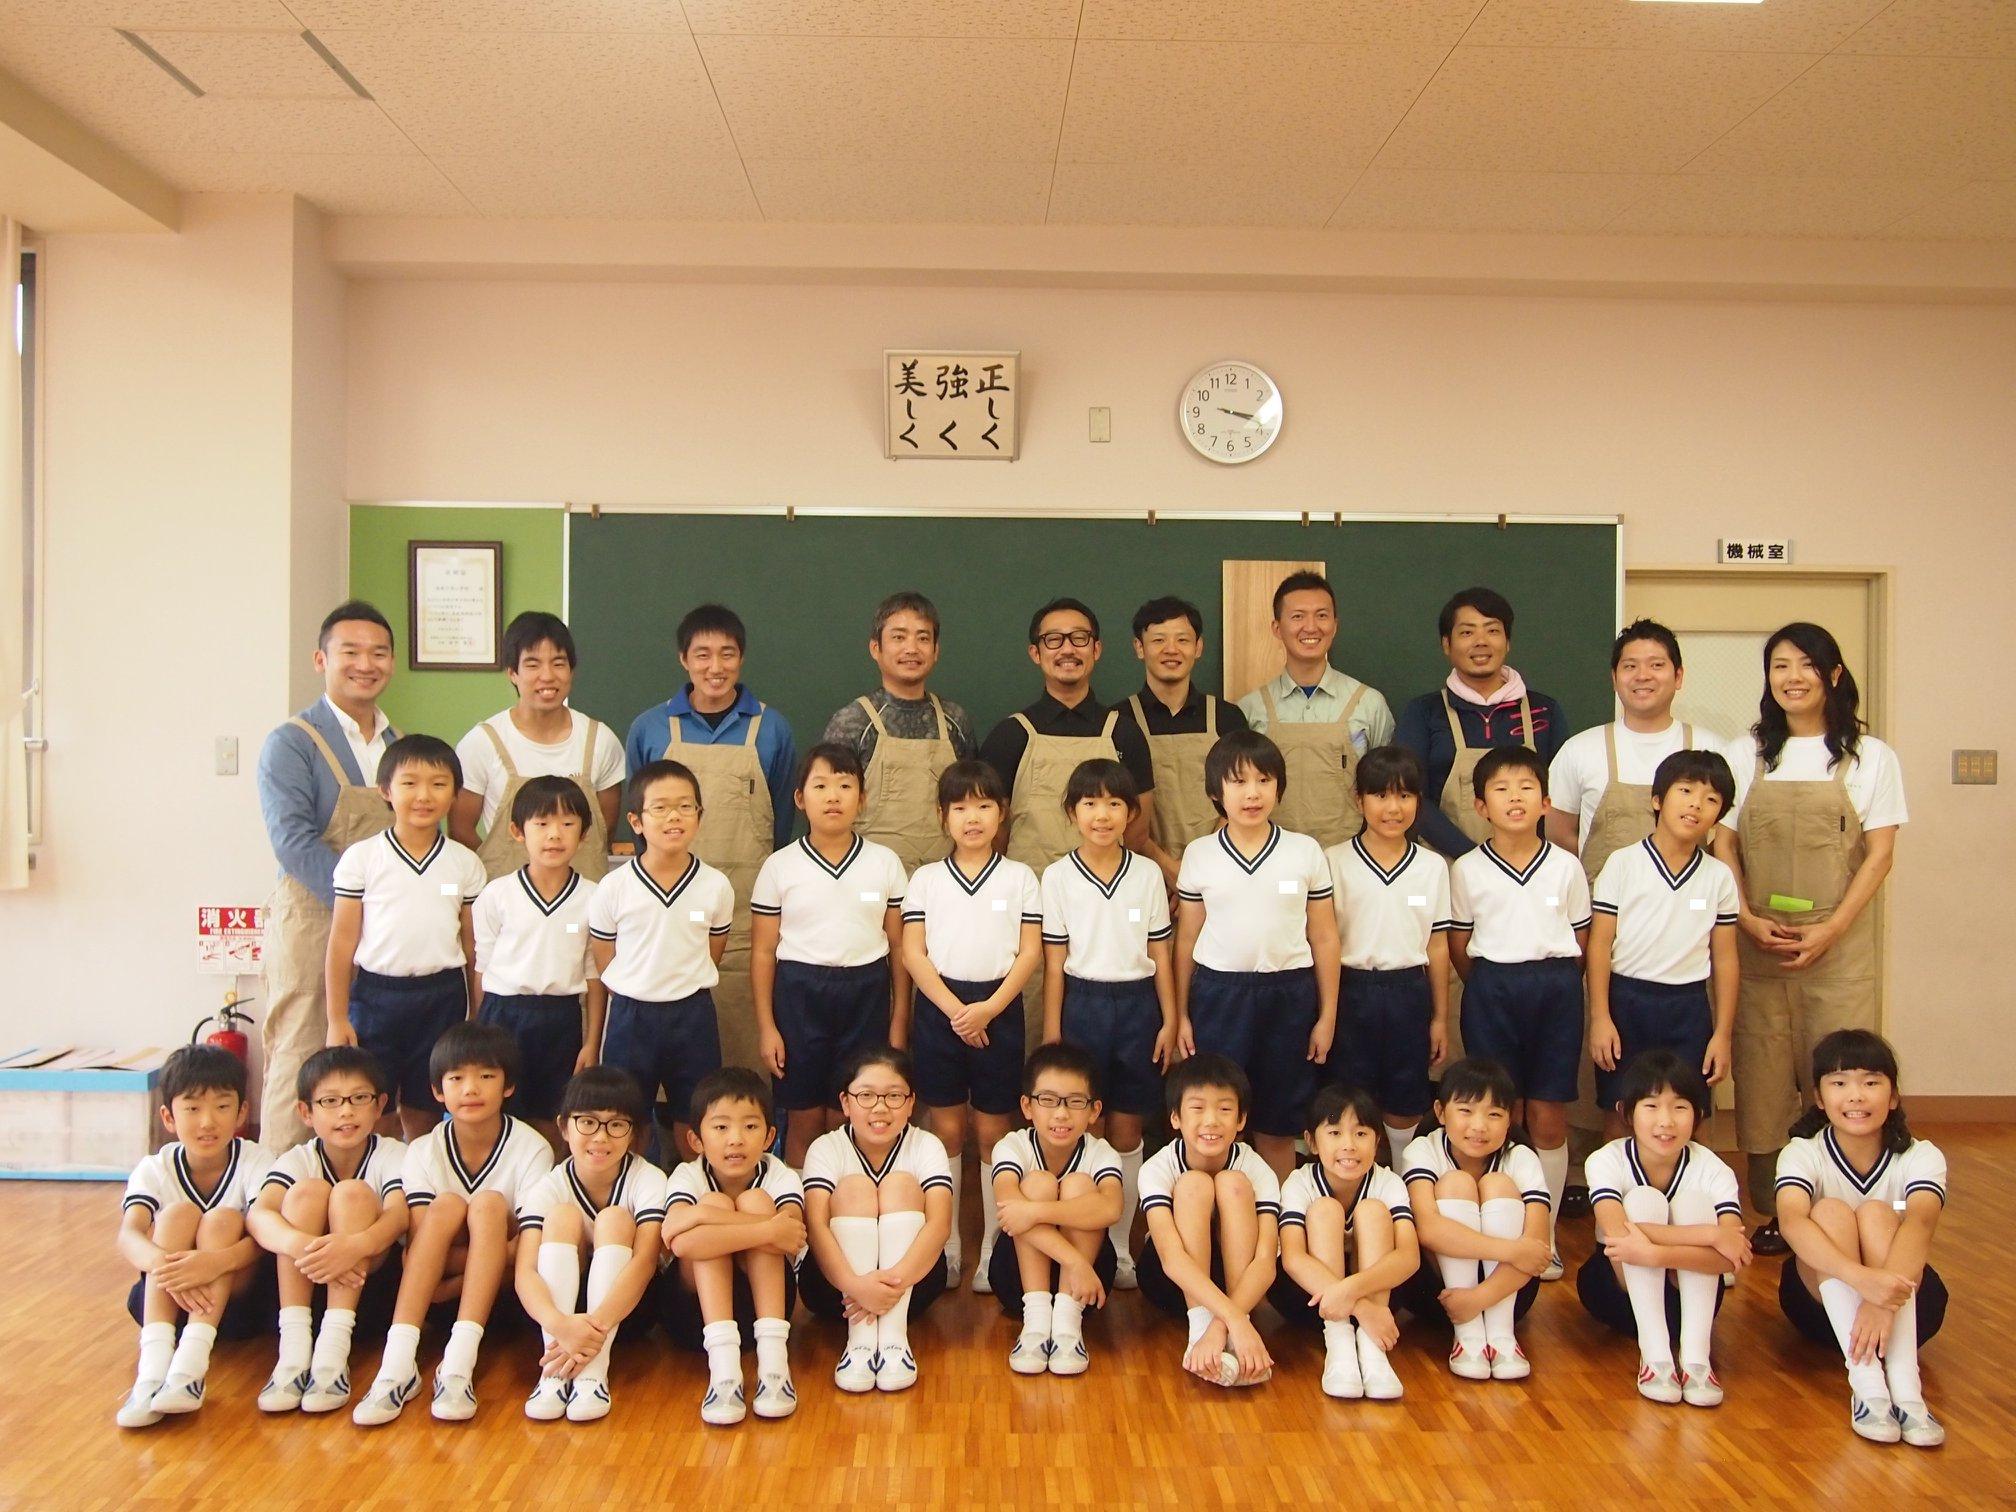 徳島文理小学校 木育出前授業2018